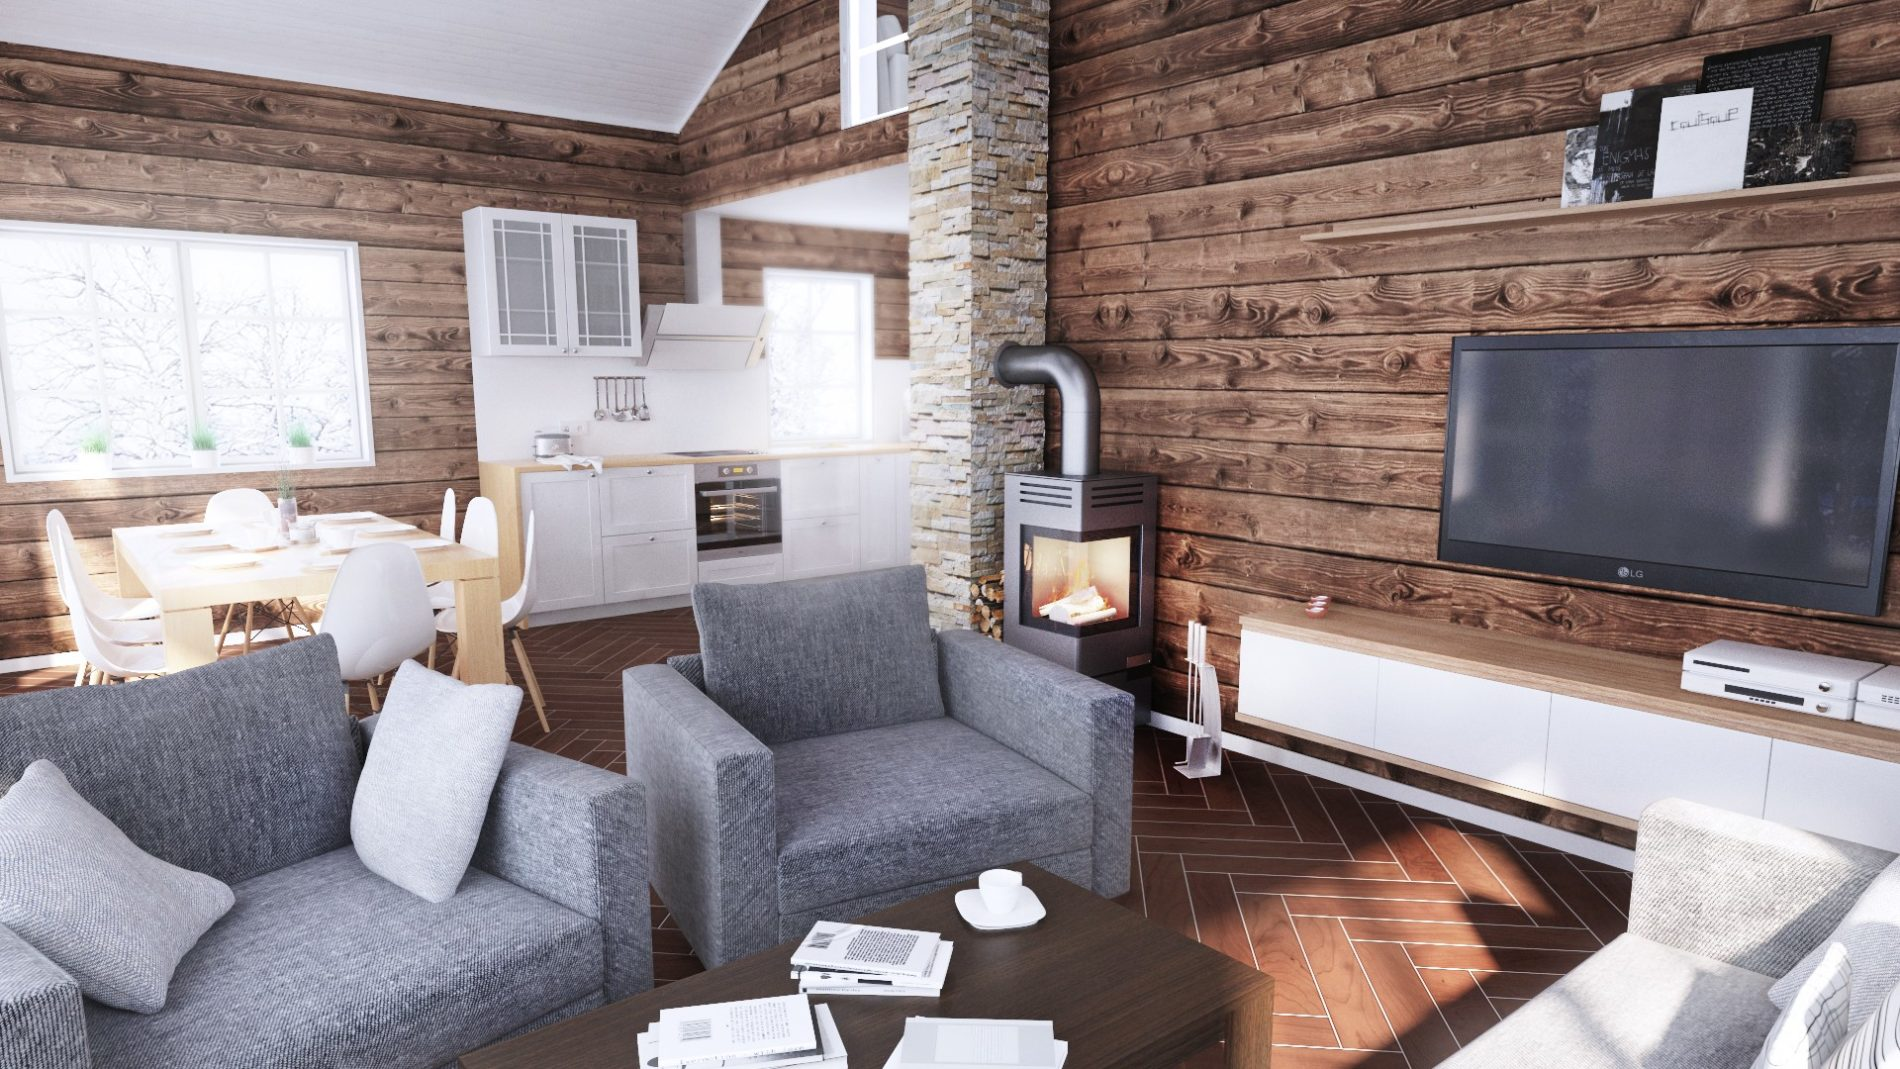 salon domku letniskowego w górach